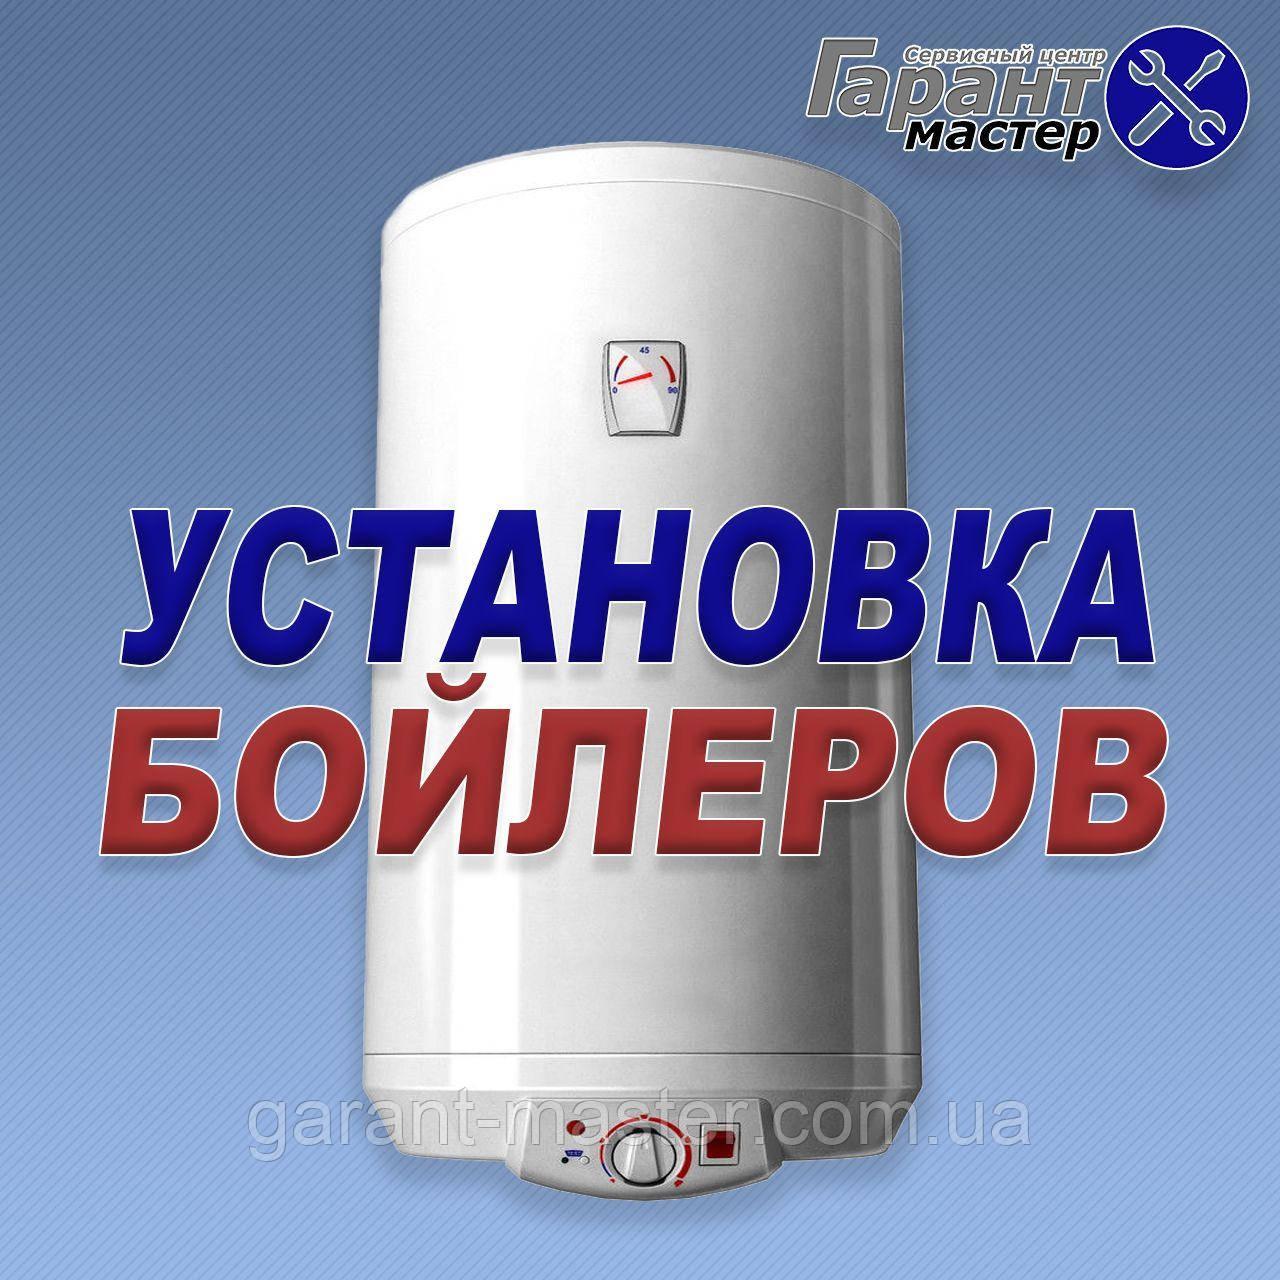 Установка, ремонт бойлеров GARANTERM в Днепропетровске